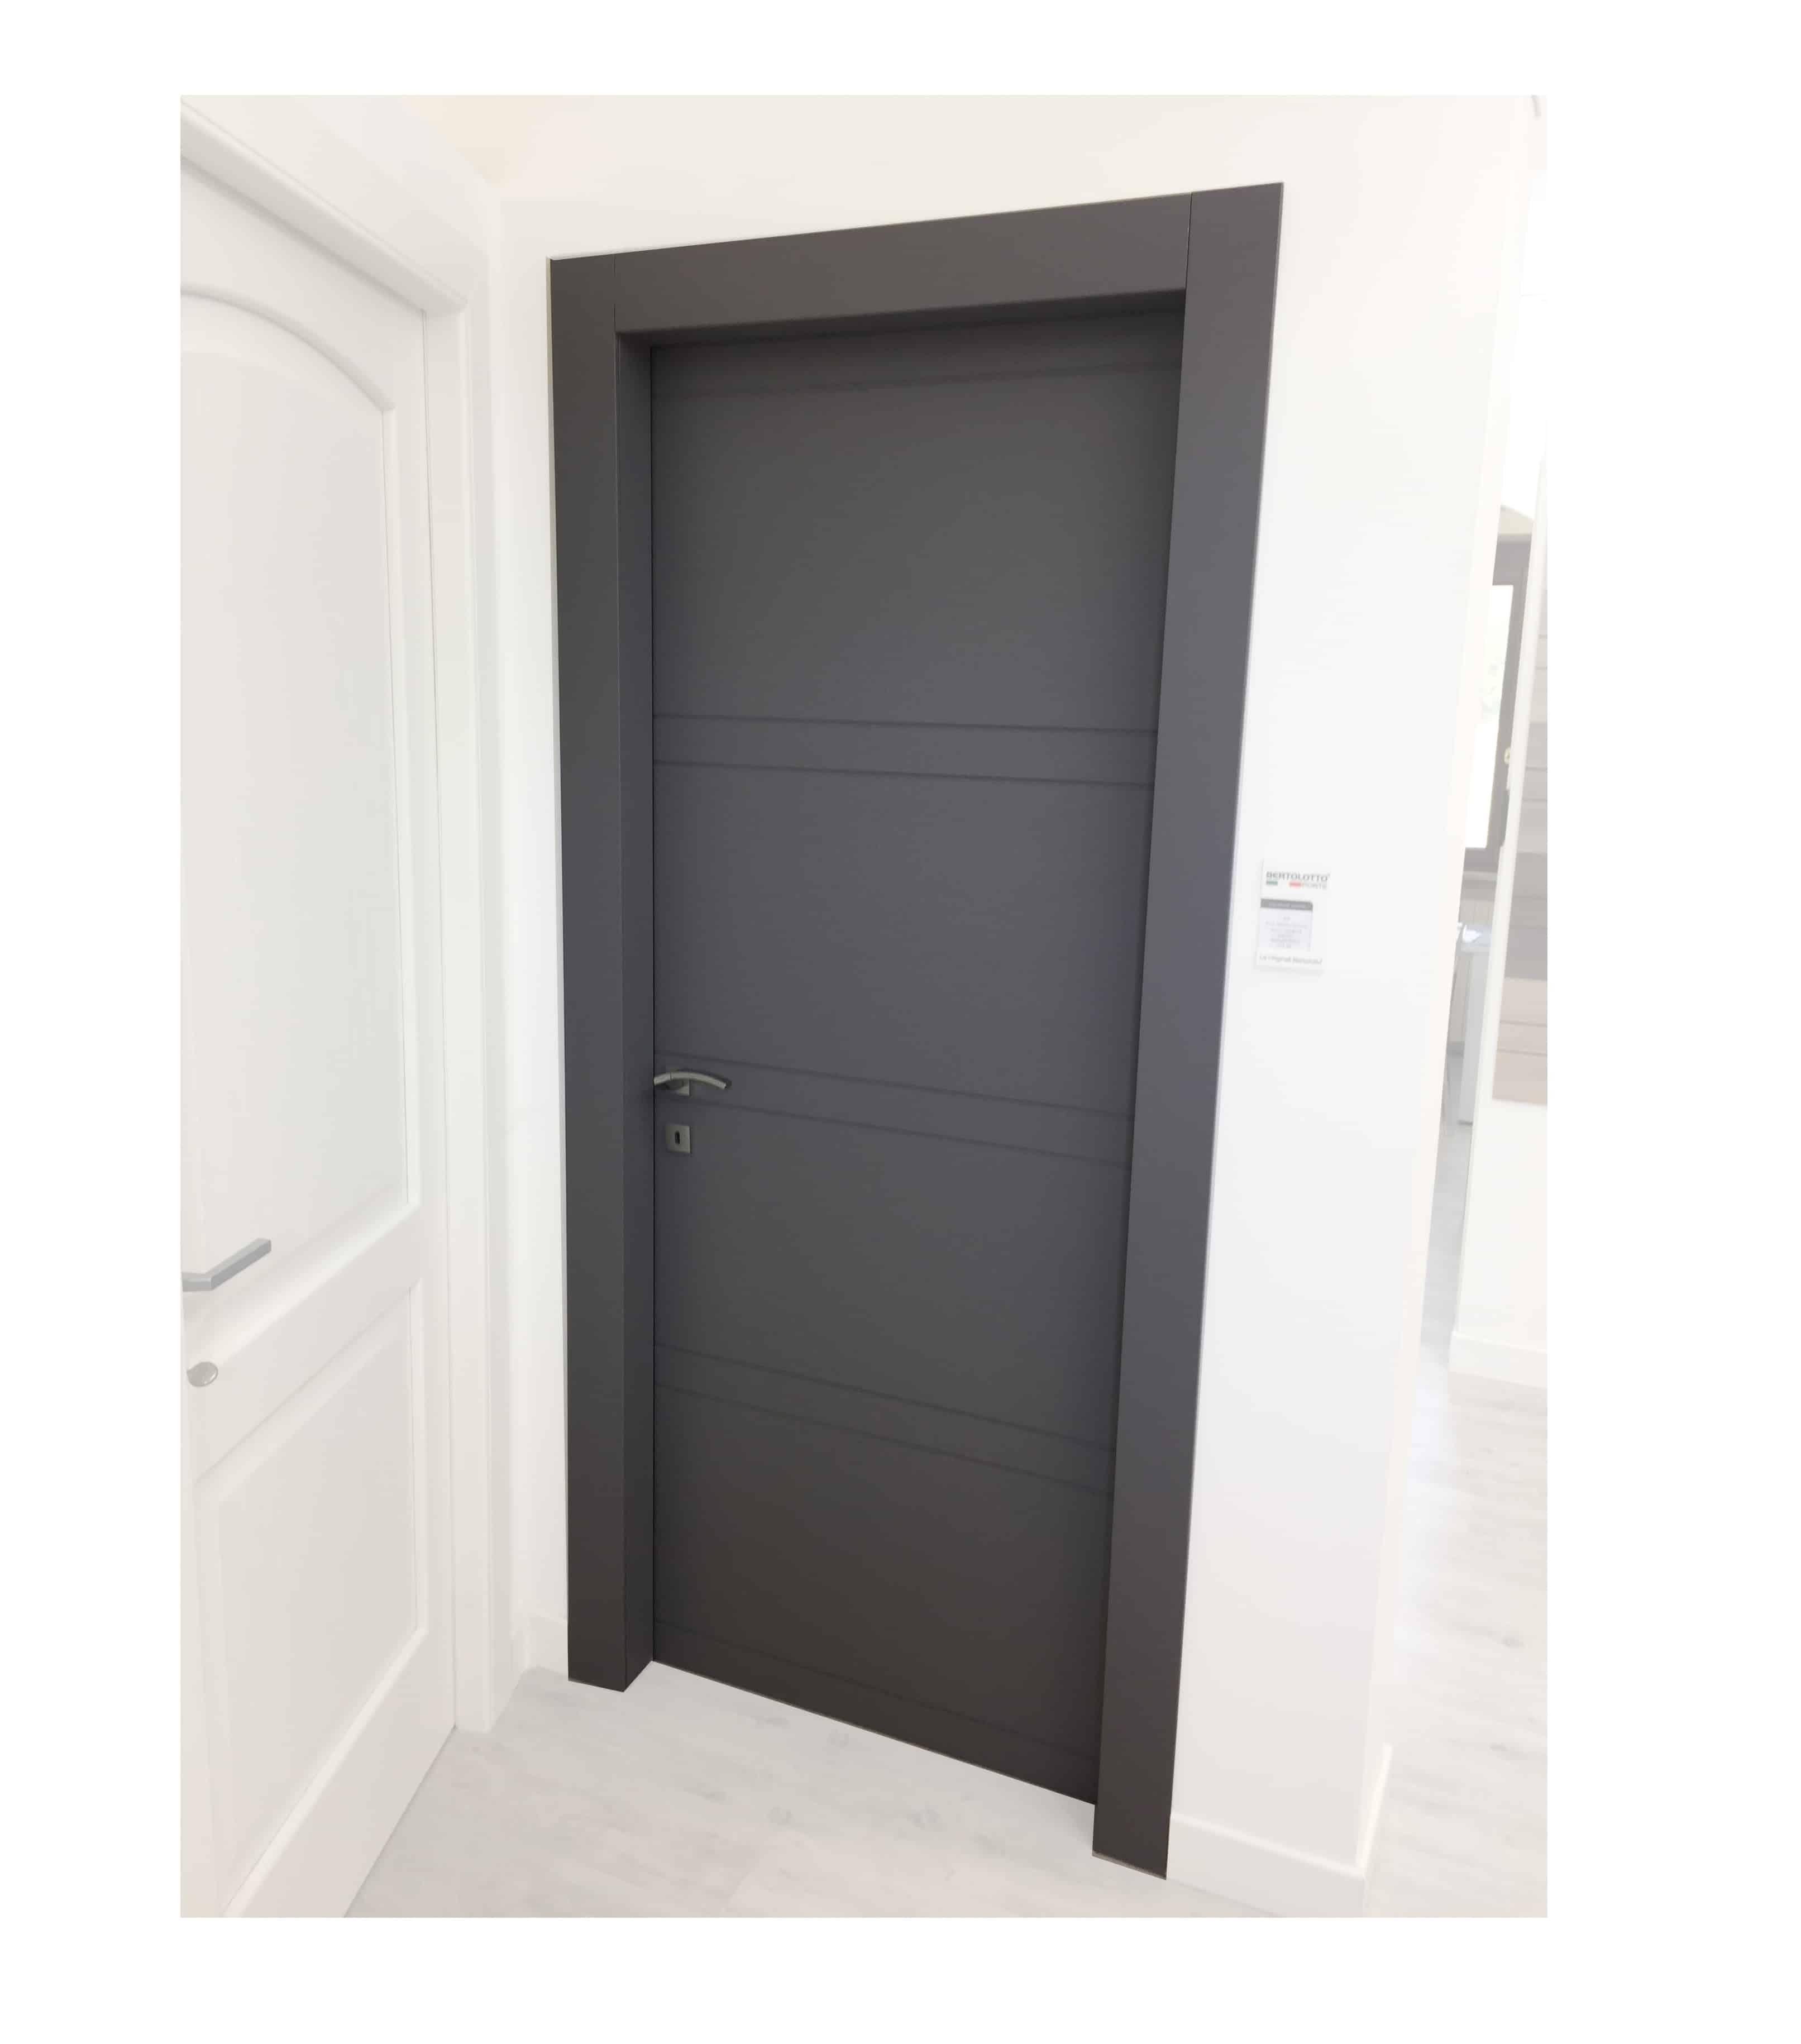 Porta a poro aperto quarzo della bertolotto porte for Preventivo porte e finestre